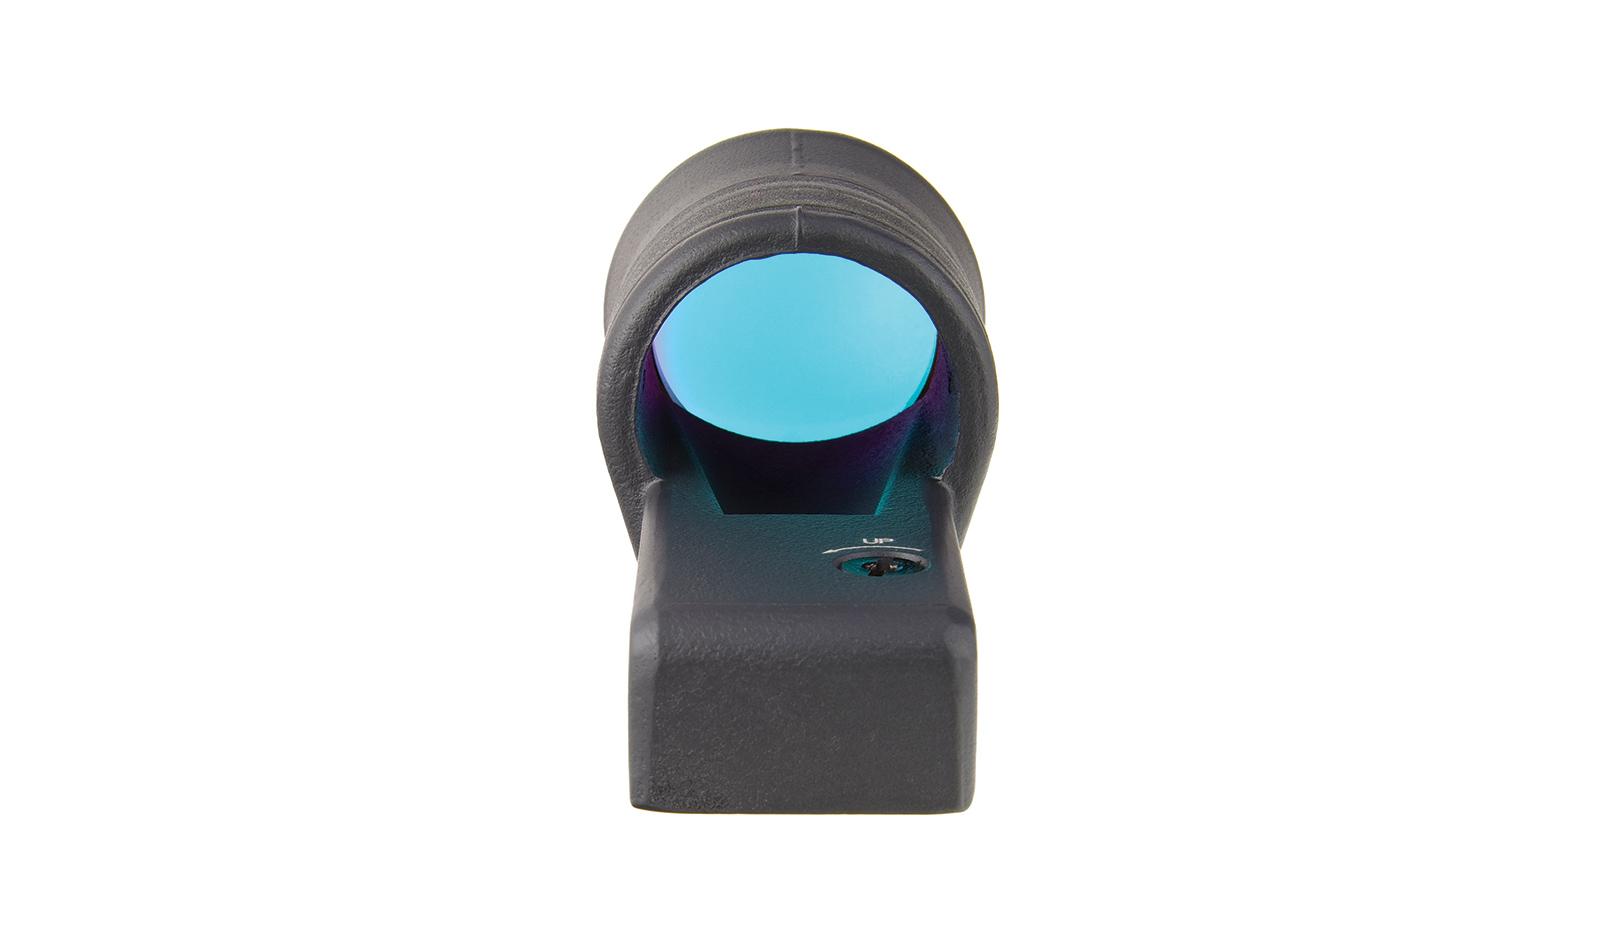 RX30-C-800065 angle 4